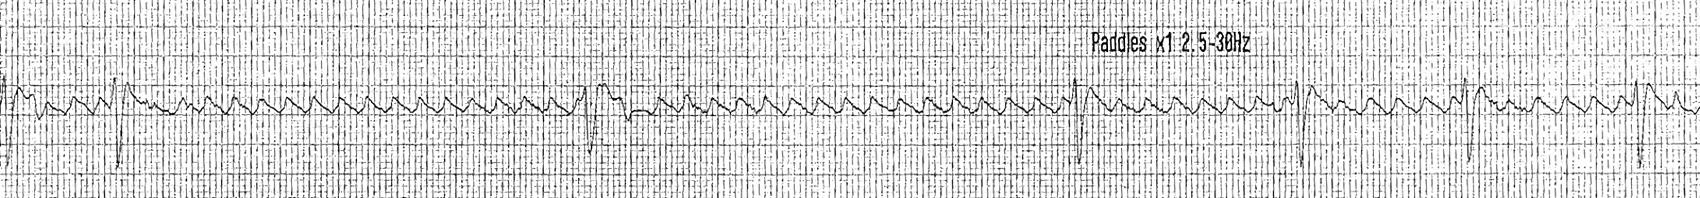 Adenozin ile açığa çıkan flutter dalgaları Kaynak: lifeinthefastlane.com - ECG library